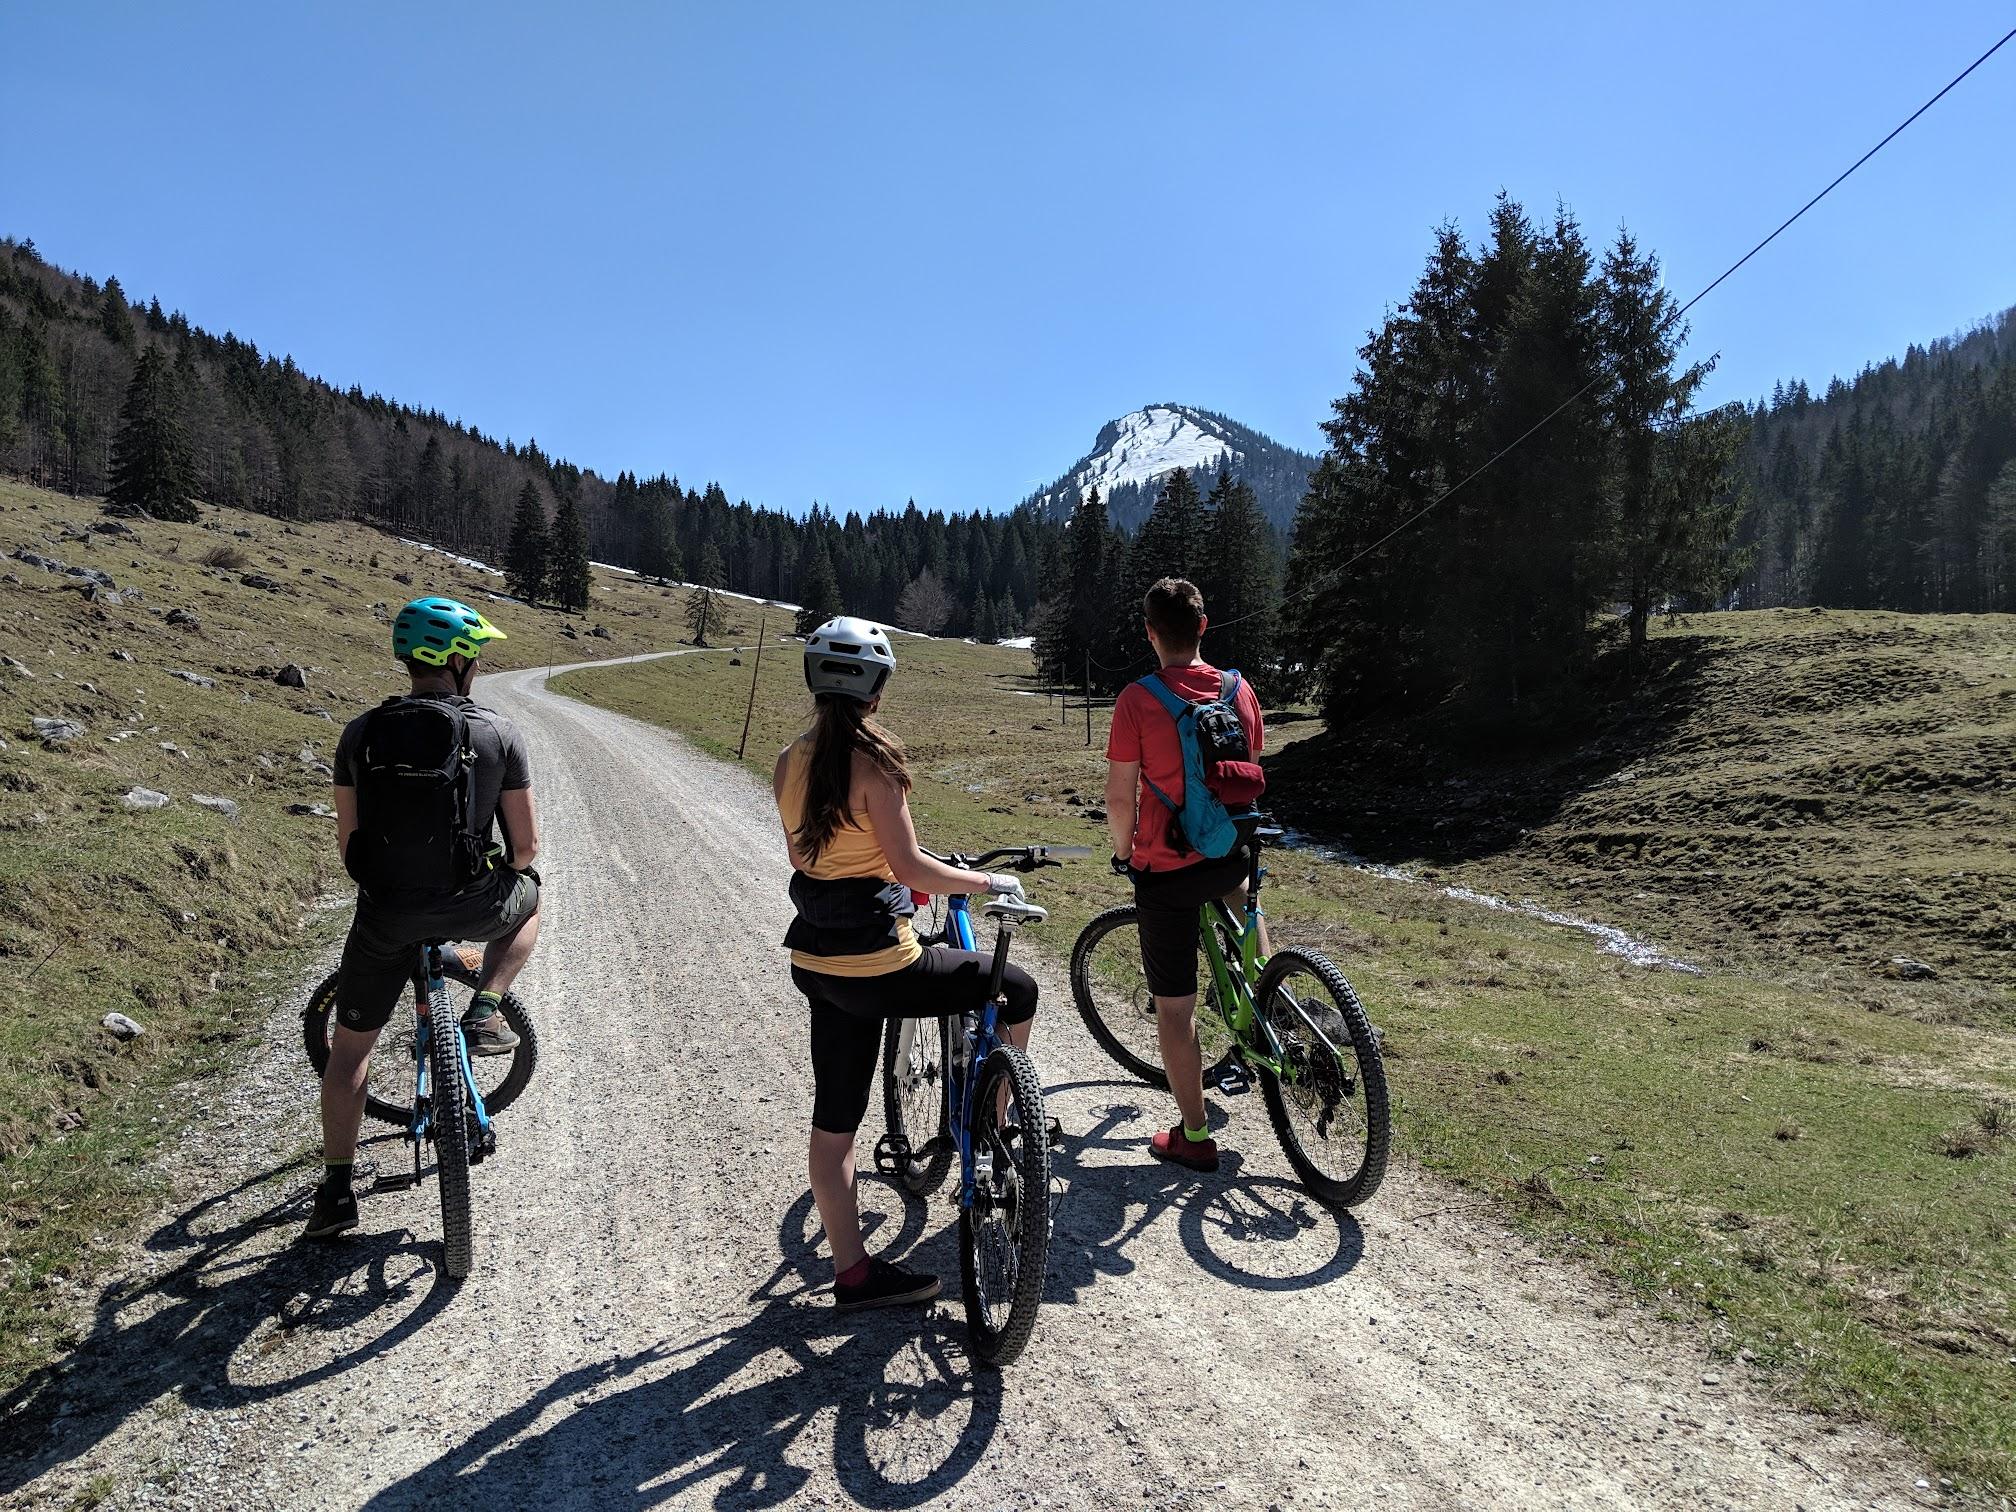 Bodenschneidhaus bike - Apr 19